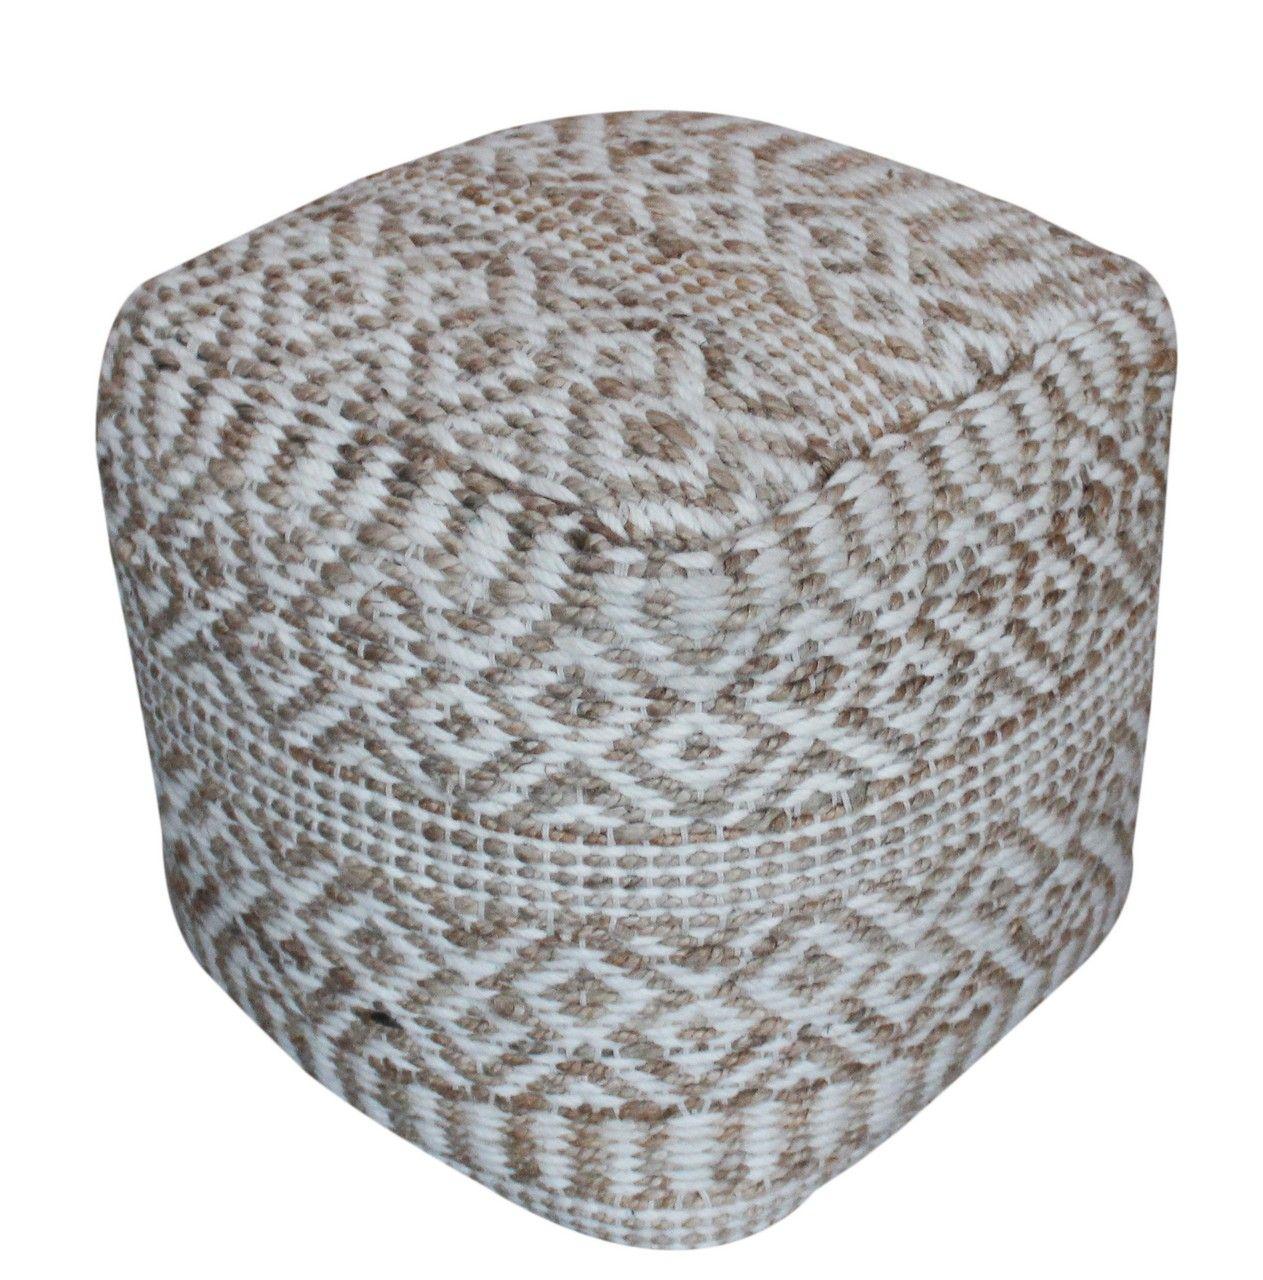 Pouf Jonc De Mer pouf sarah chanvre/laine/coton 40x40x40